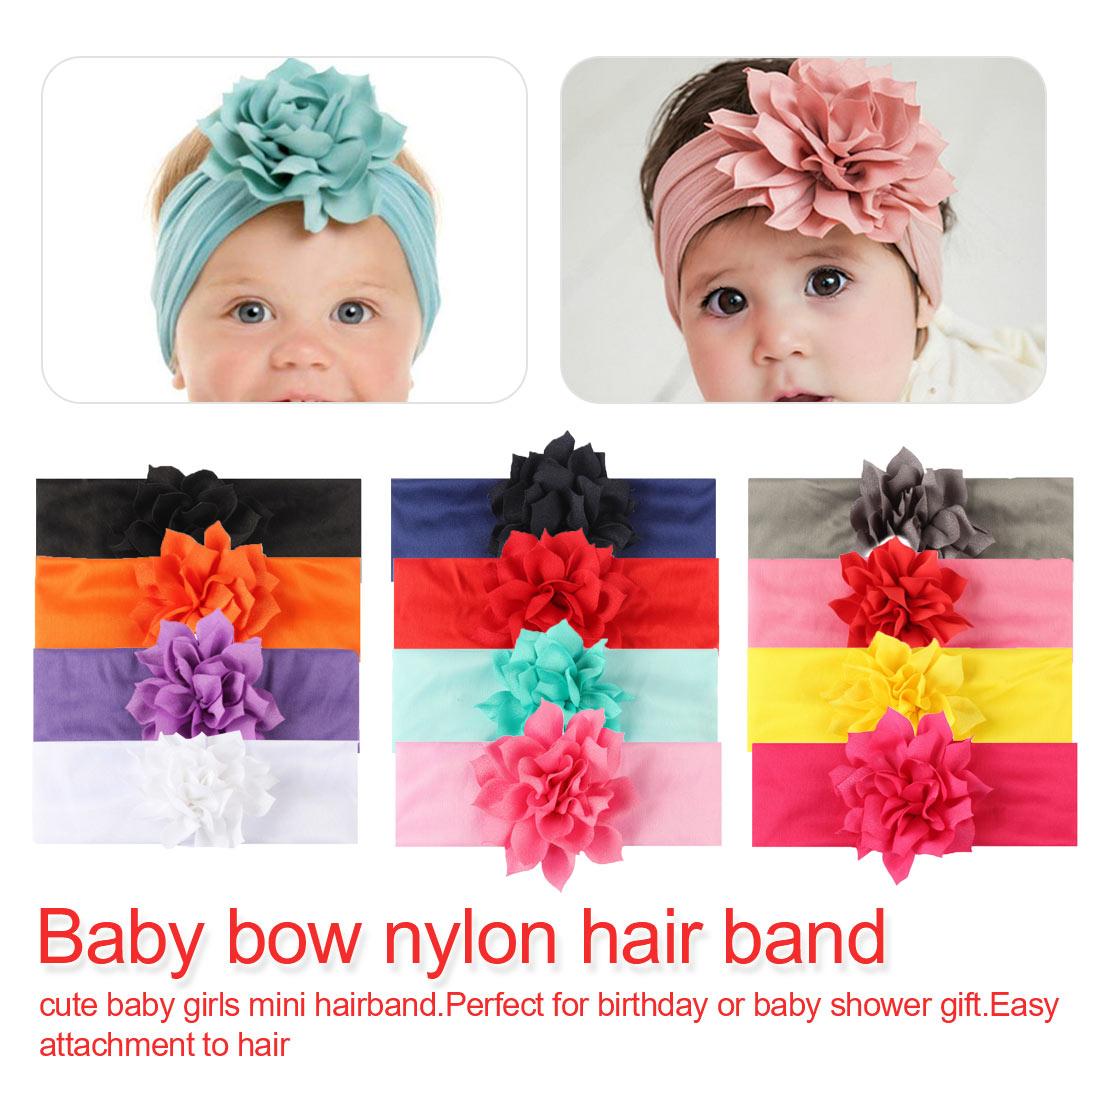 Baby-Bow-Nylon-Headband-Soft-Stretch-Flower-Nylon-Headband-Children-039-s-Headband thumbnail 3